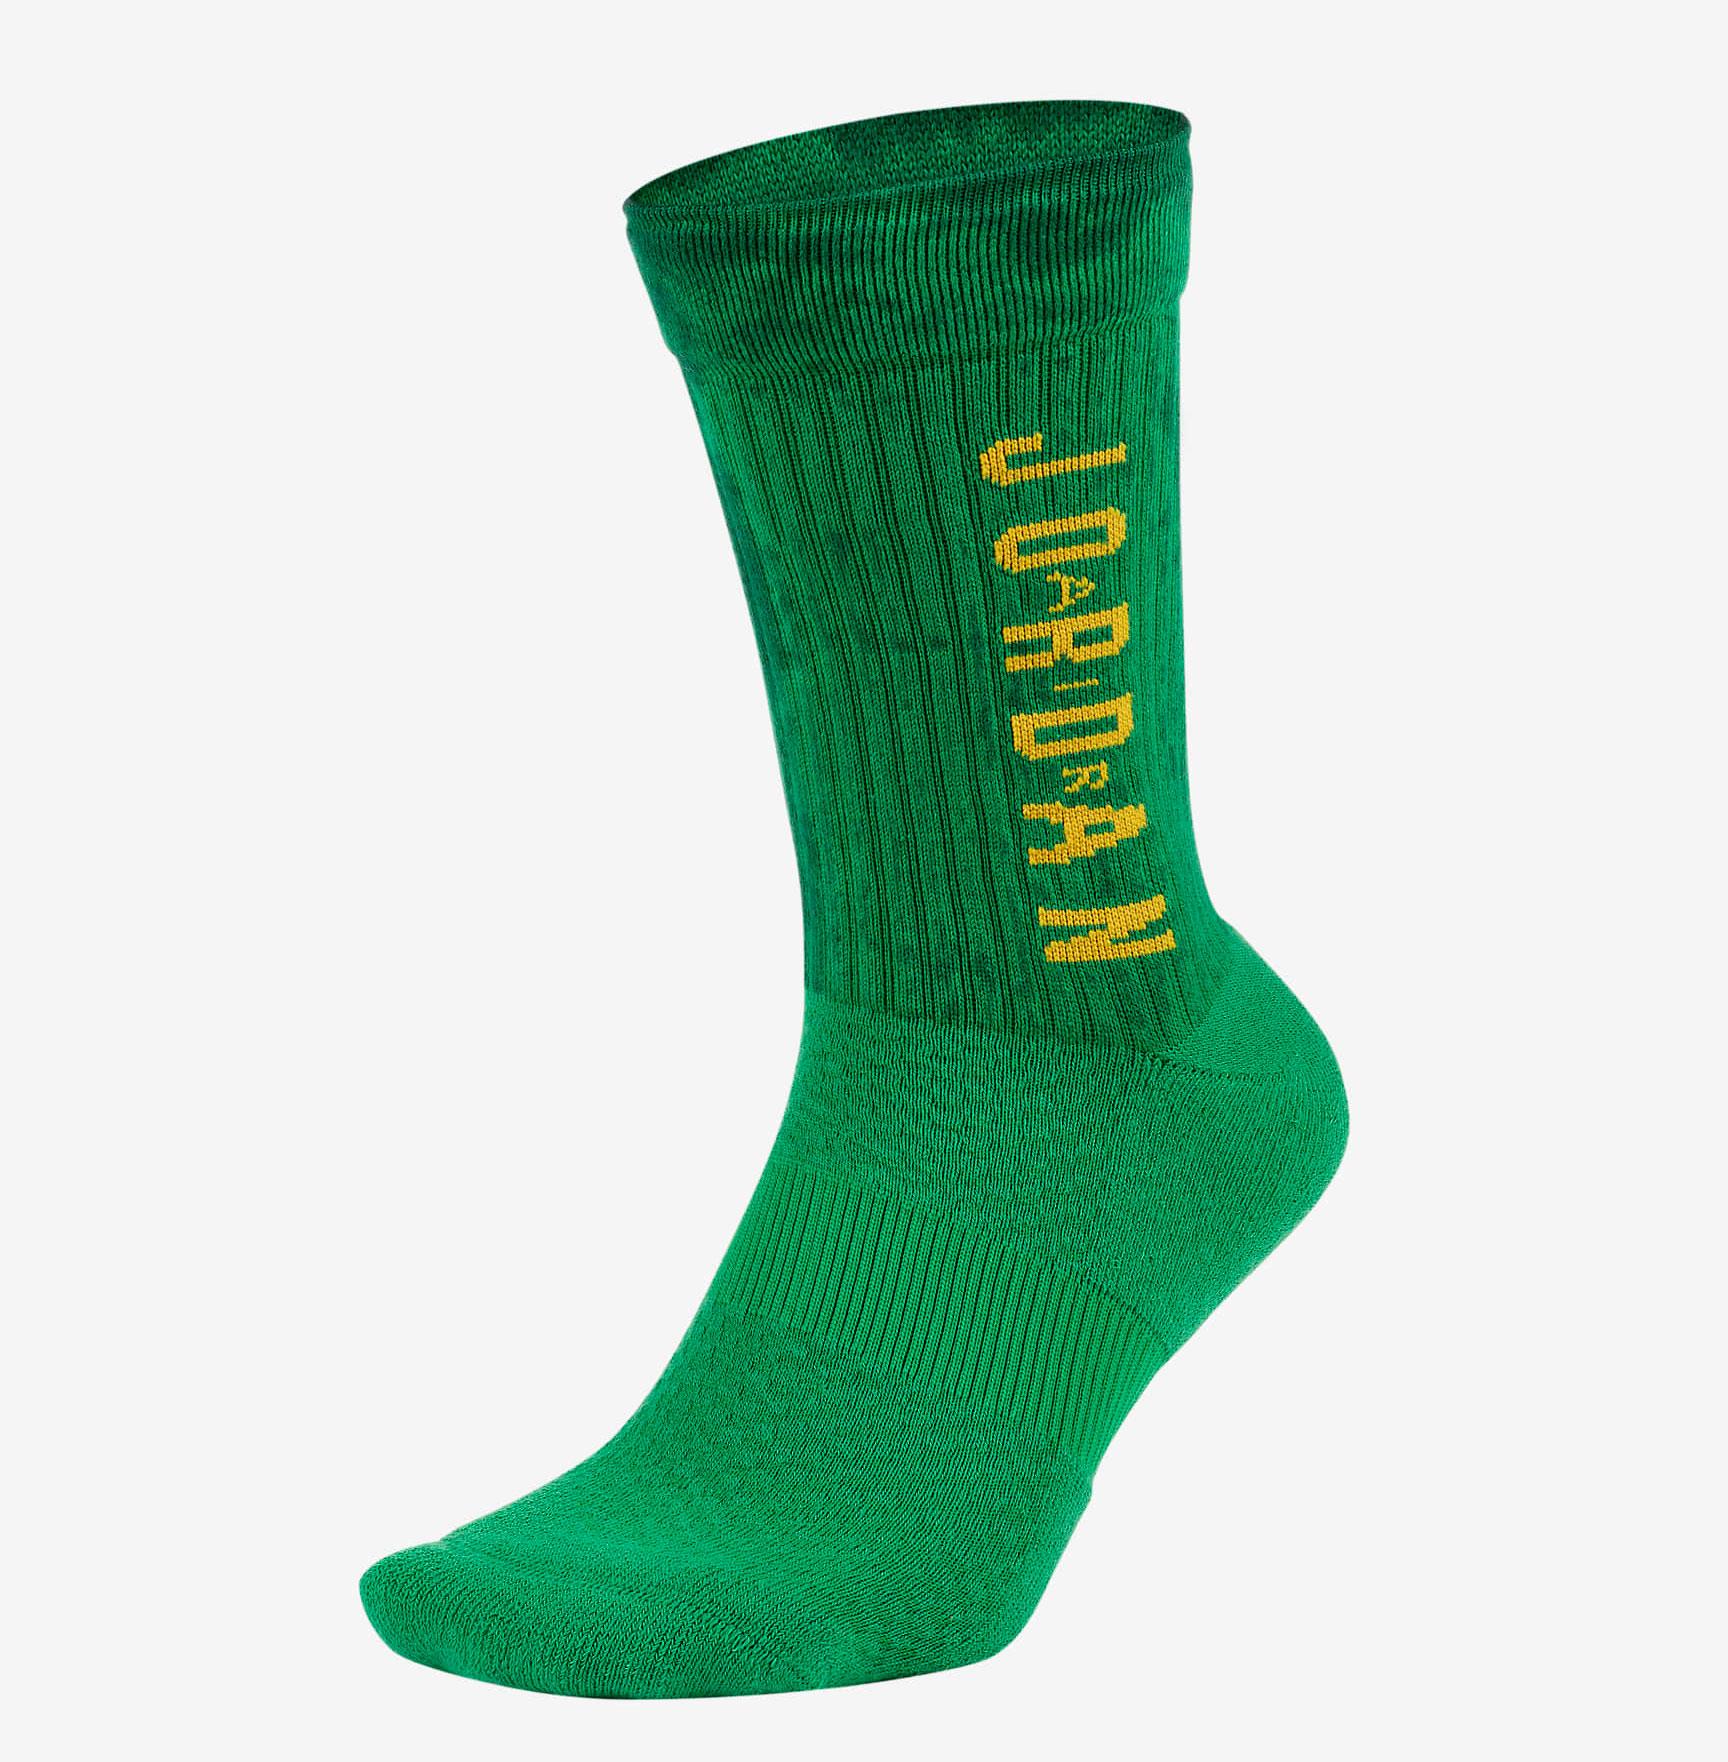 jordan-13-lucky-green-socks-1